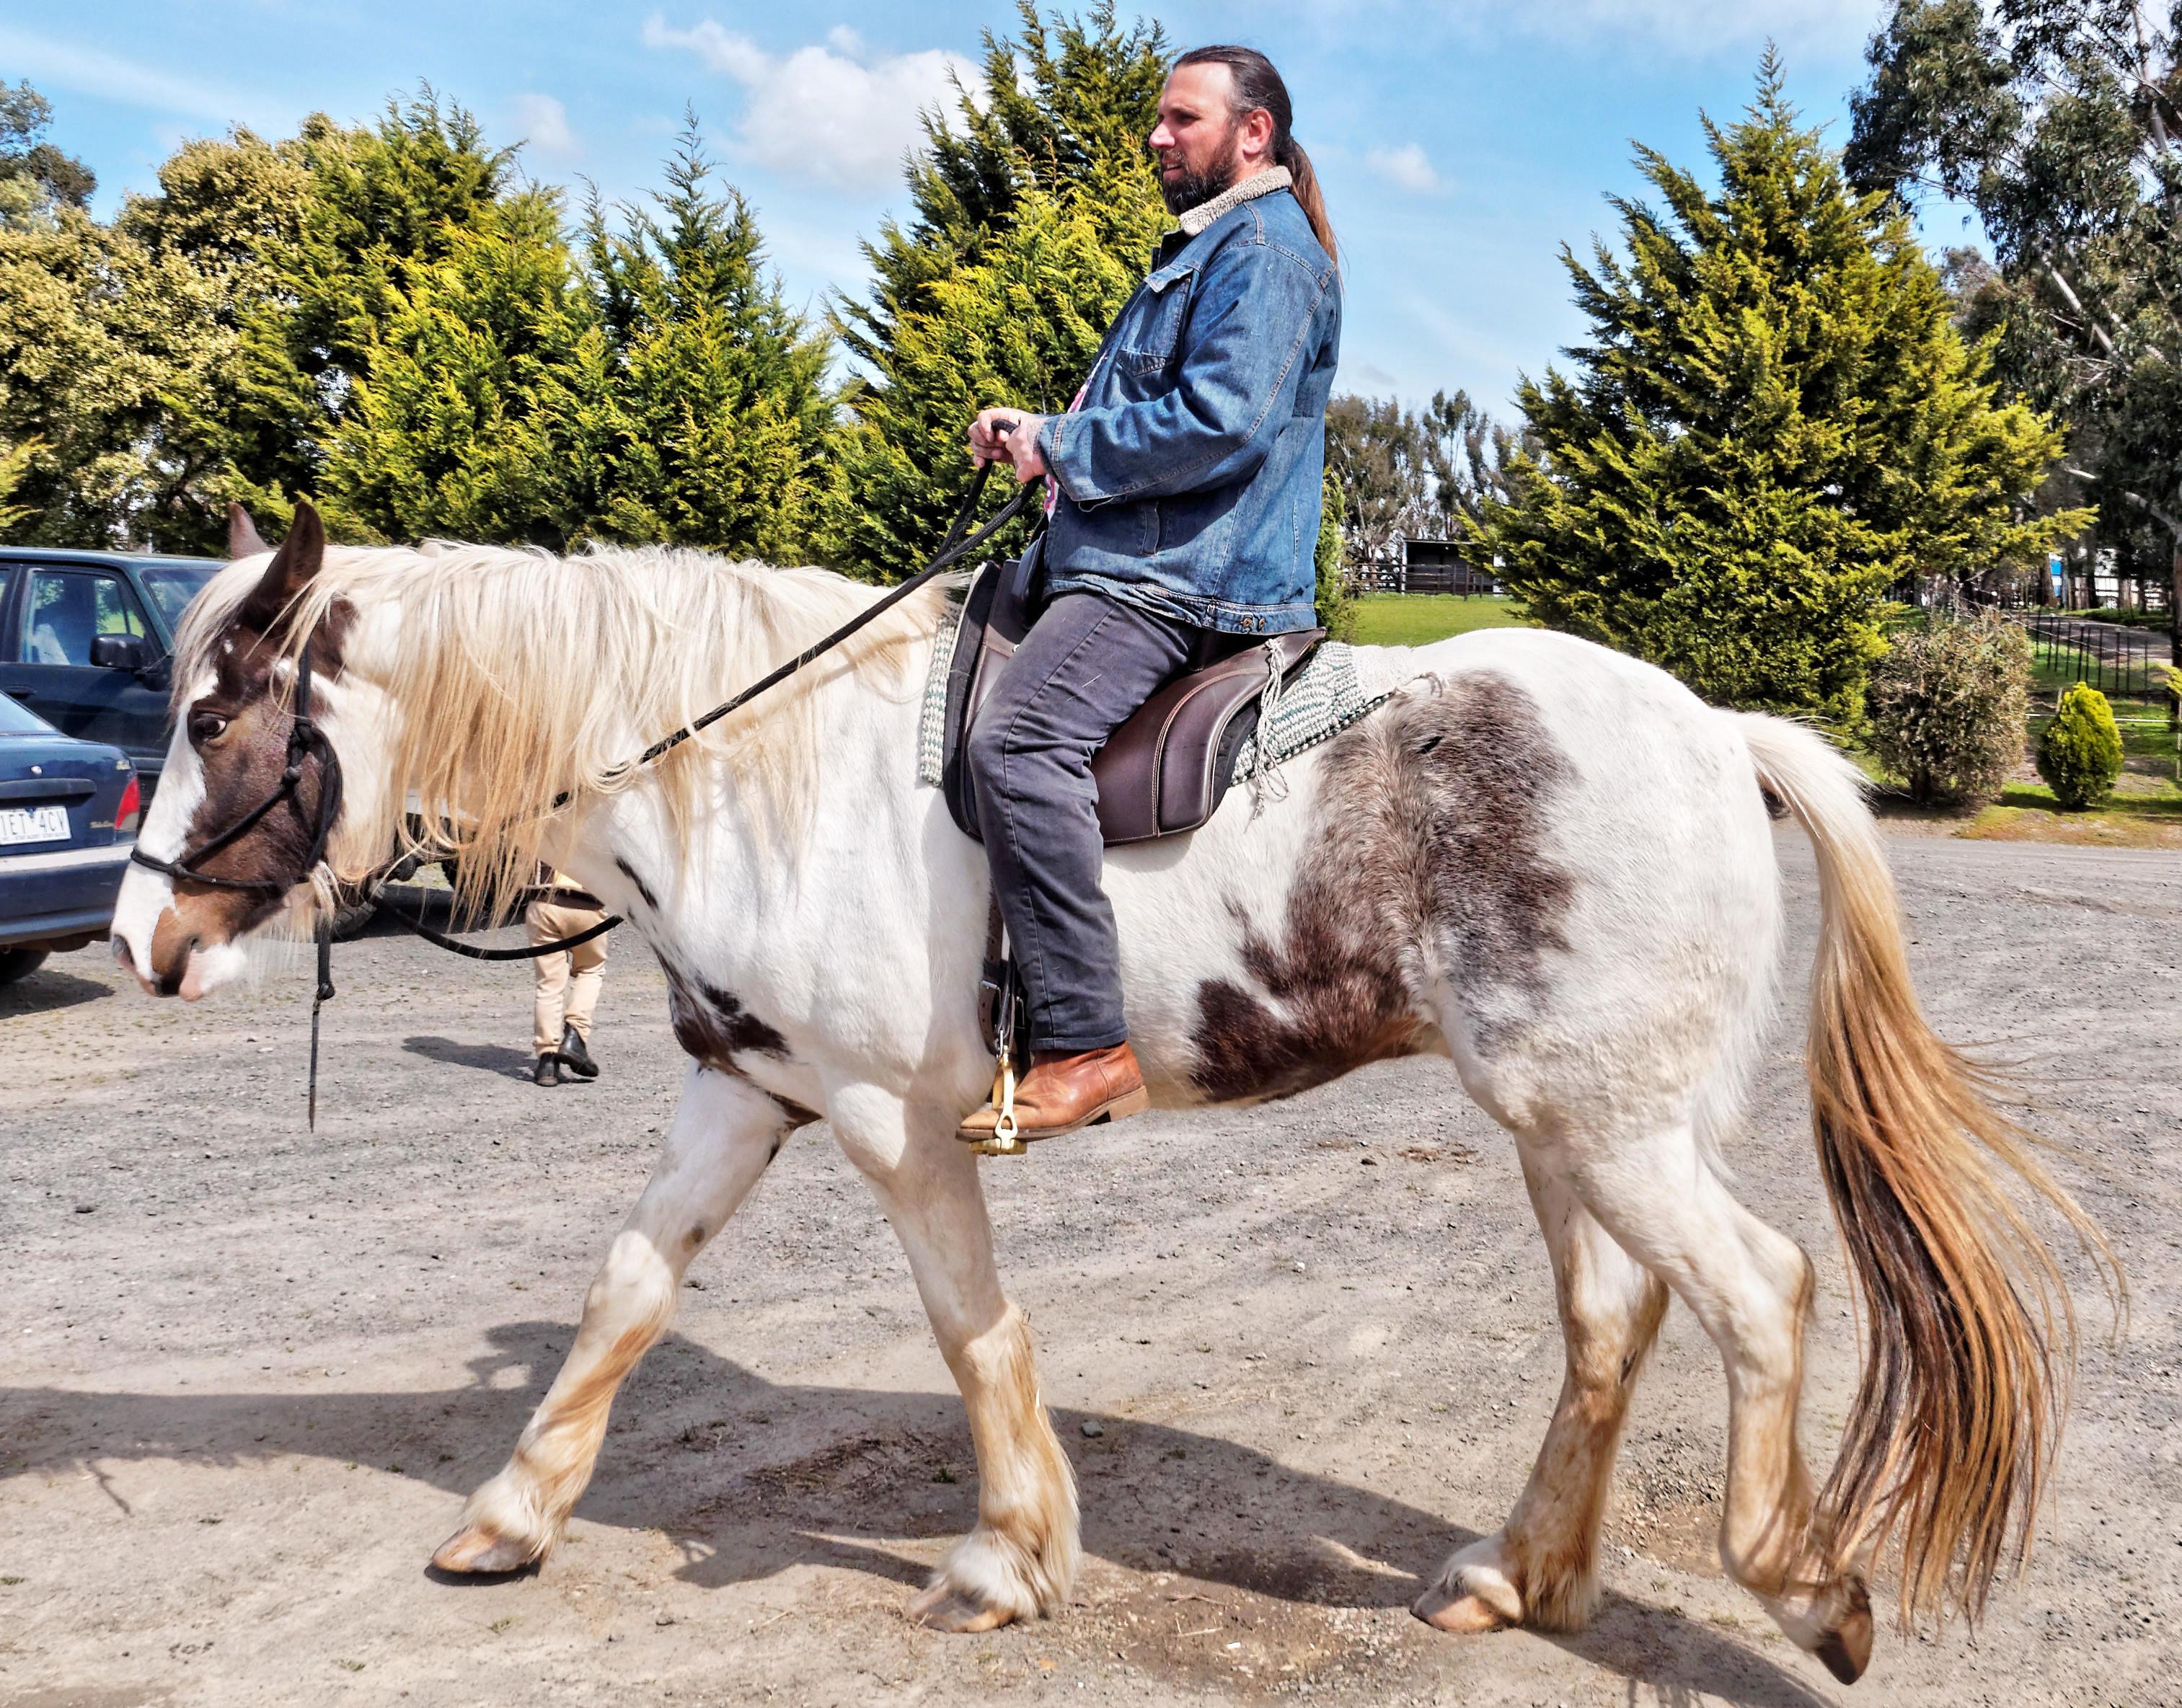 saddle-fitting-14.jpeg